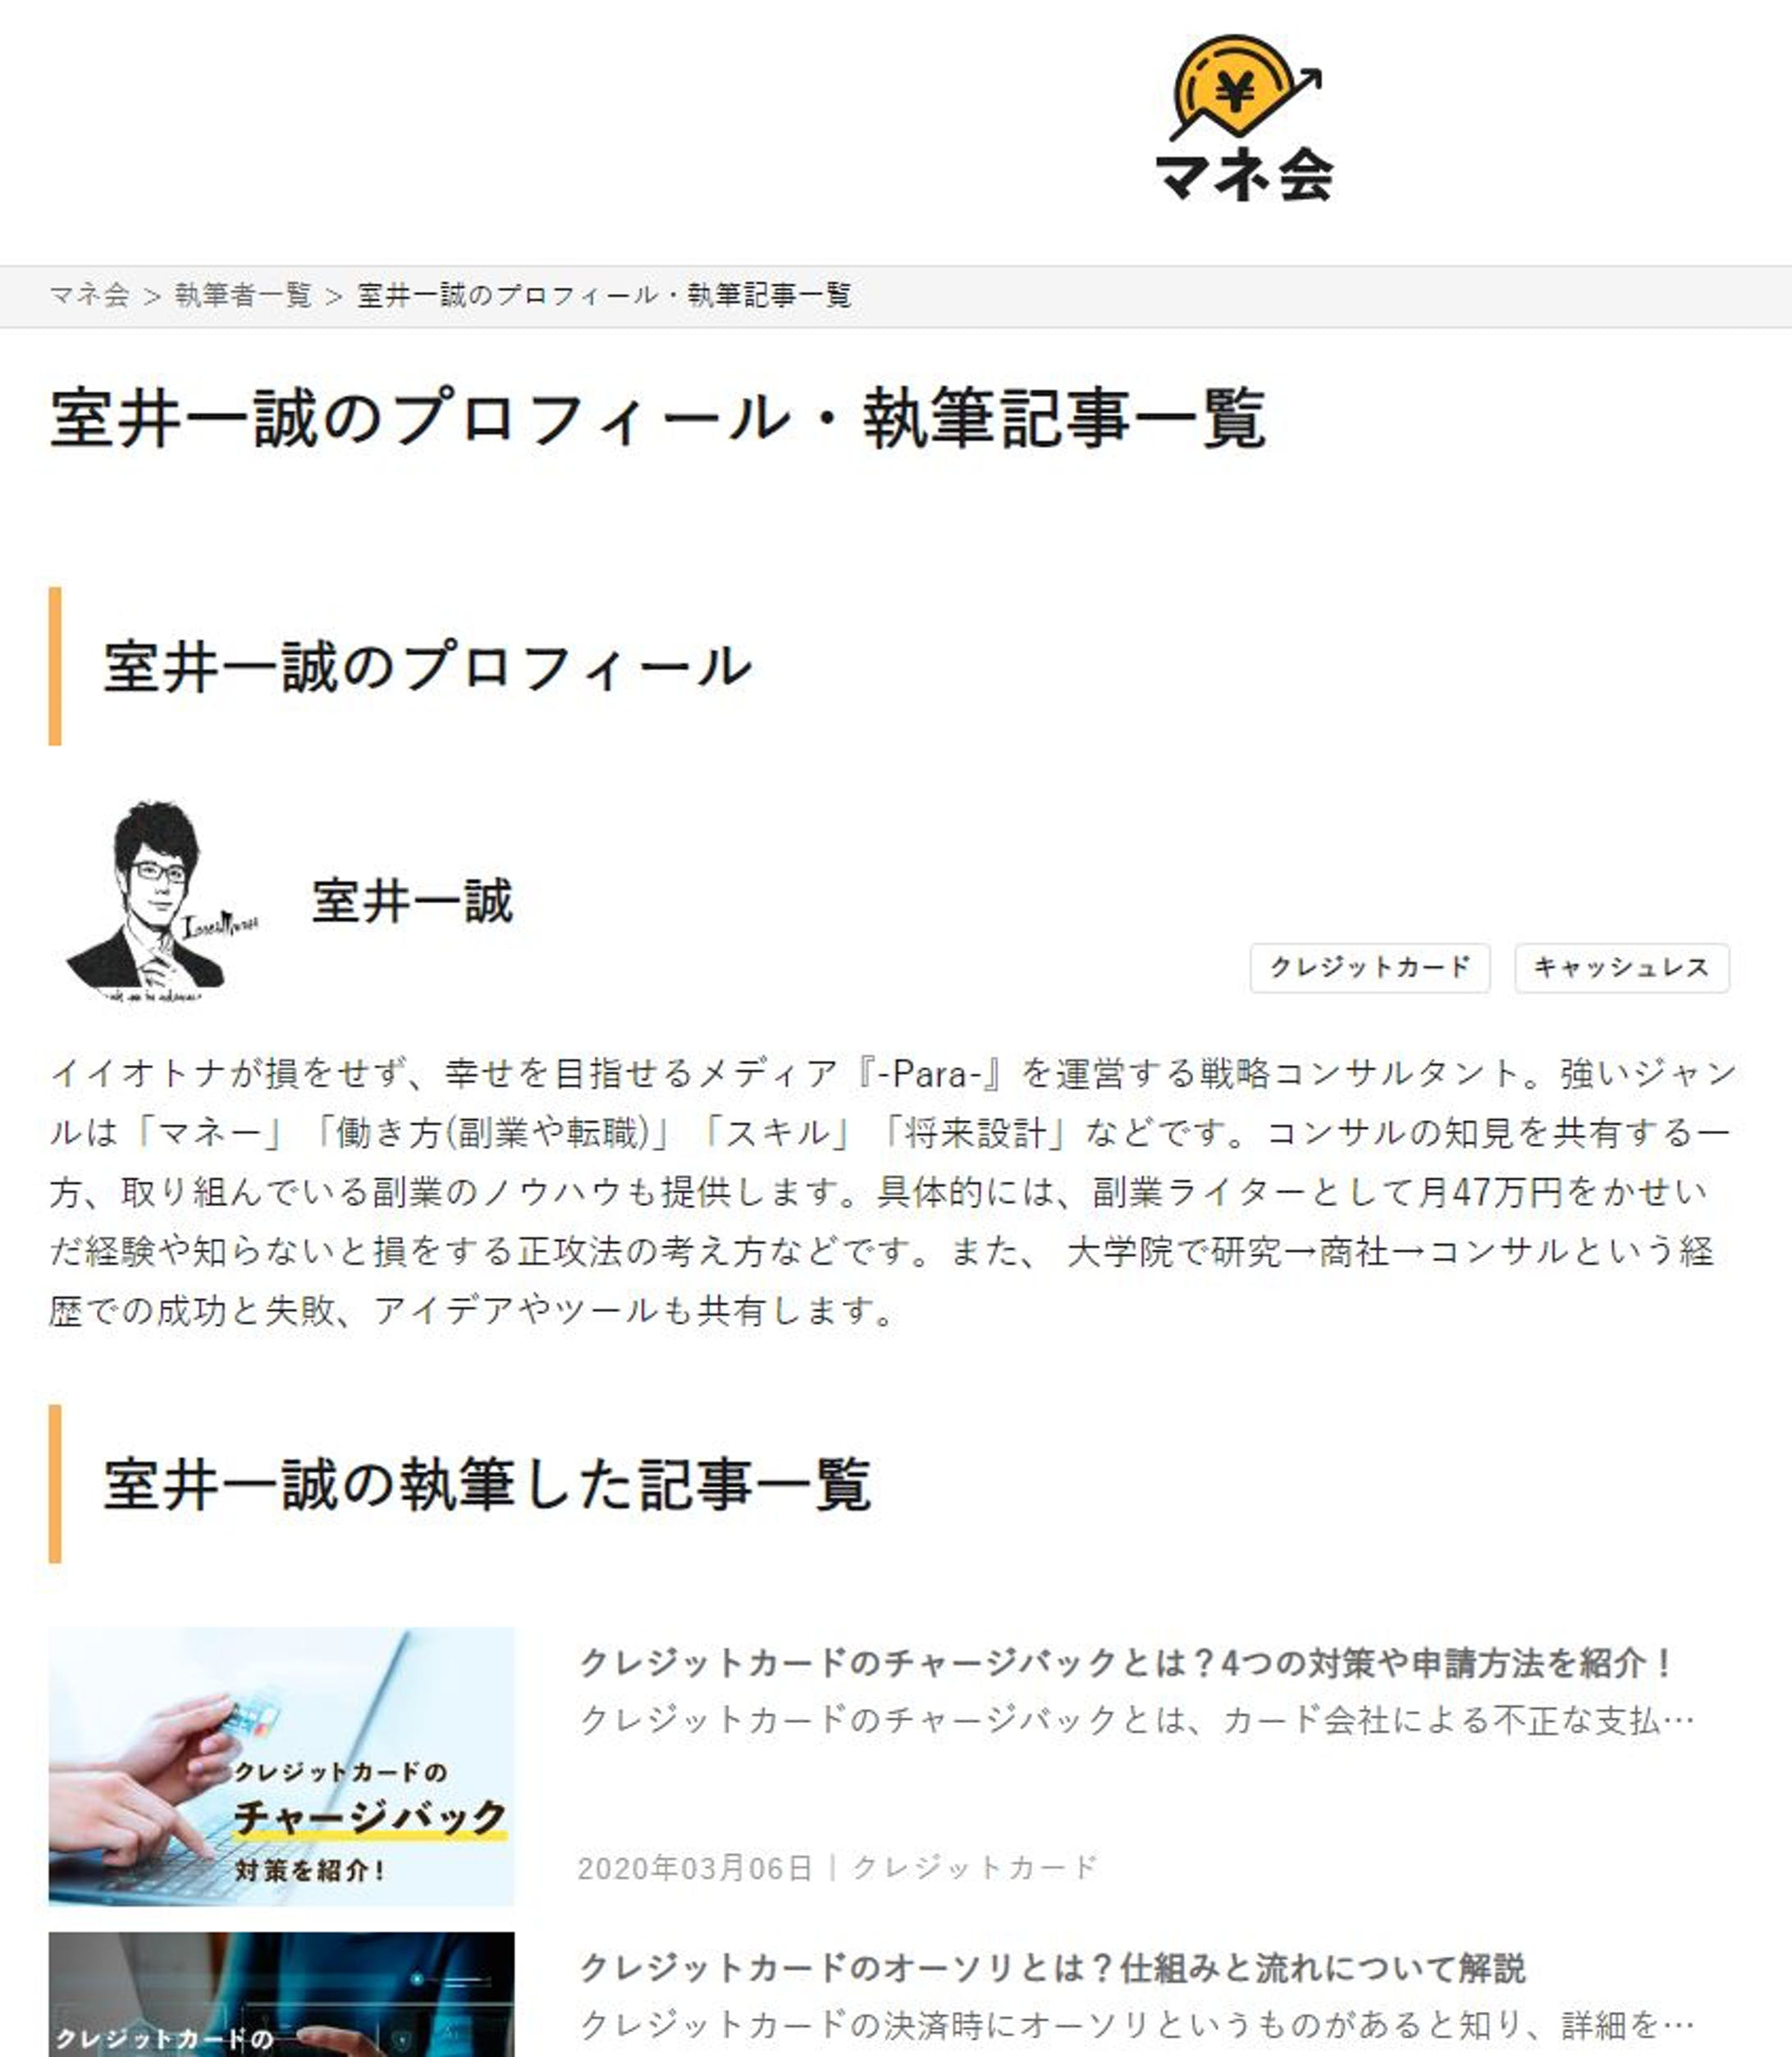 サイバーエージェントG運営「マネ会」でクレジットカード記事を執筆中-1